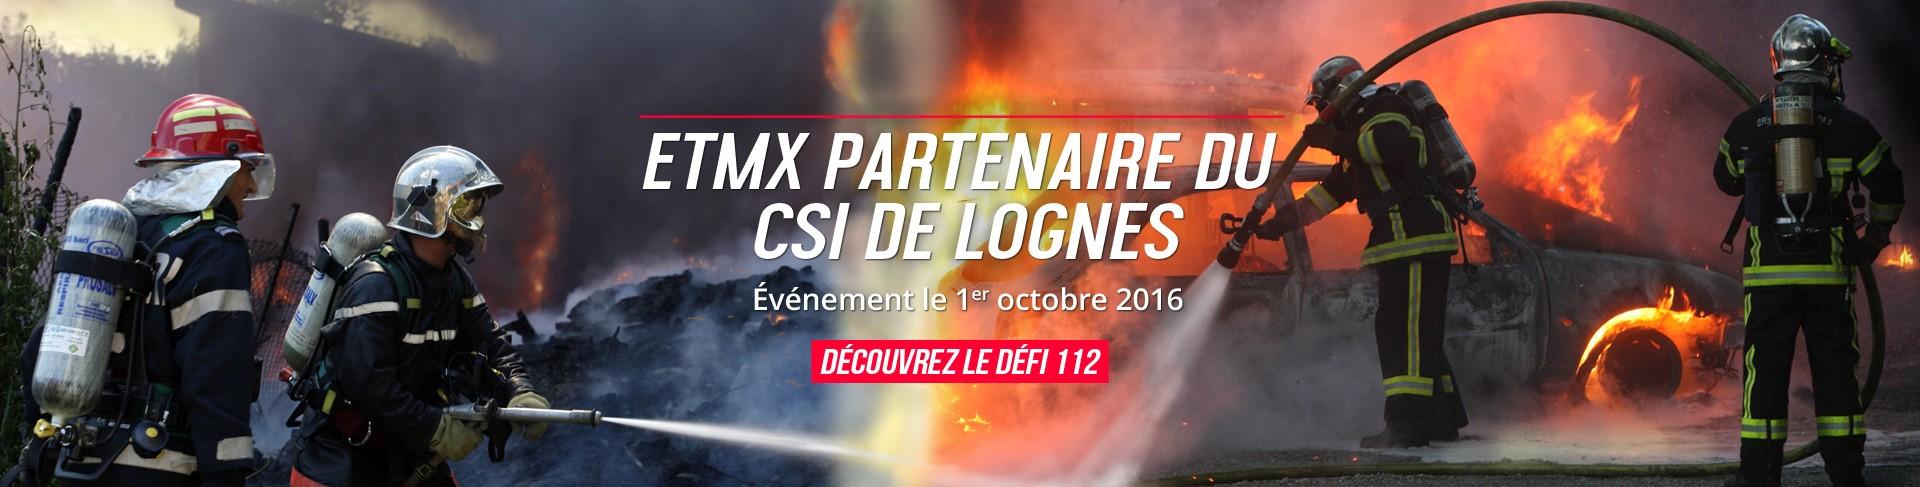 ETMX Partenaire cross training du Défi 112